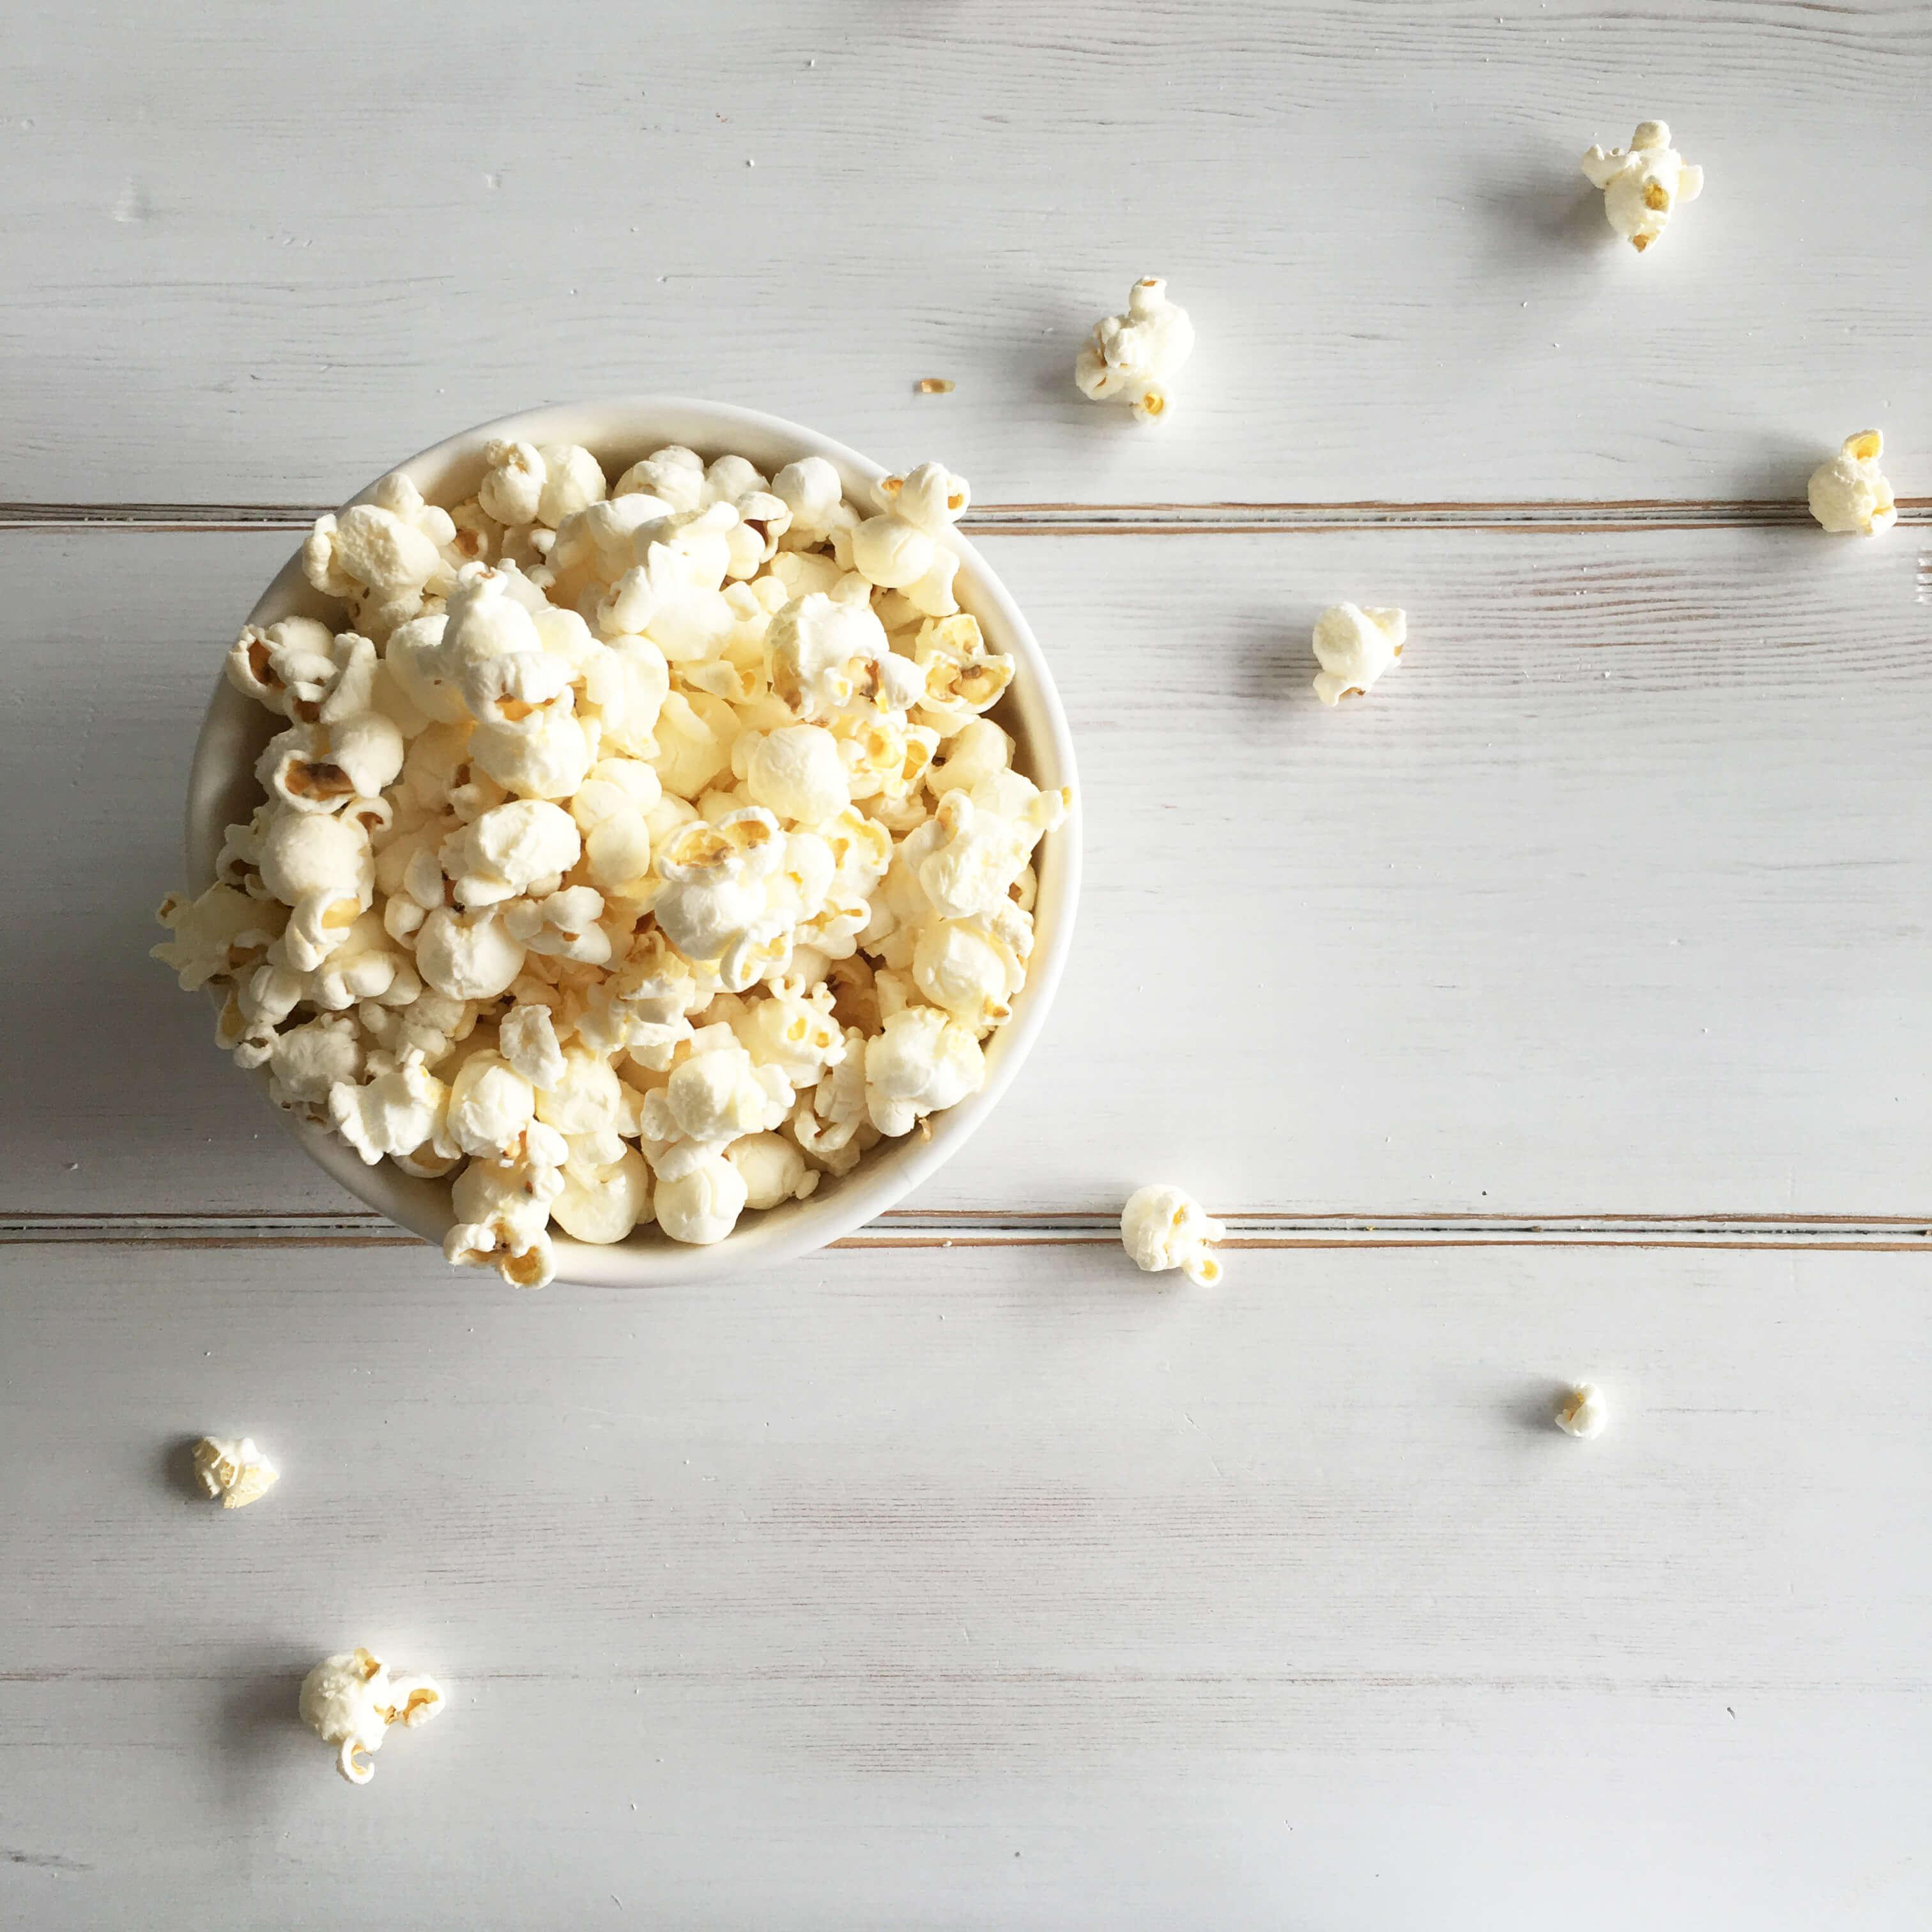 Jillian-Harris-Eating-Smart-Pop-Popcorn-12